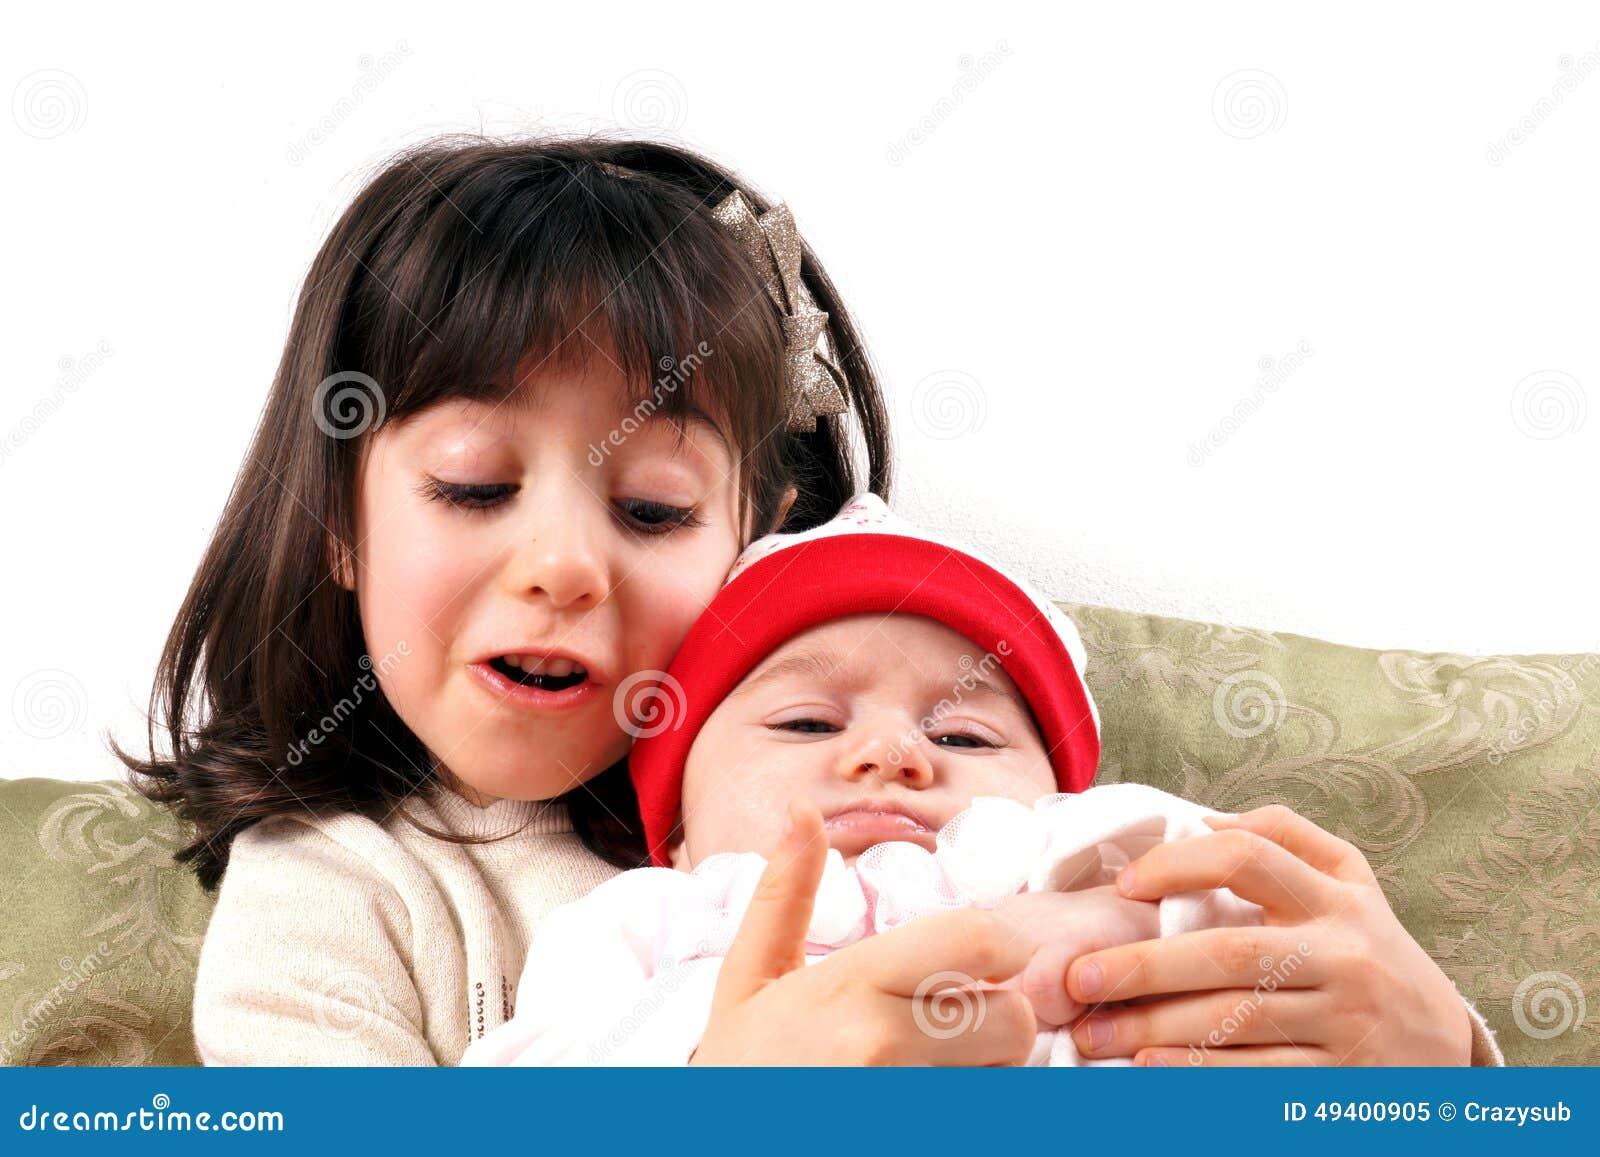 Download Babys stockbild. Bild von schön, lustig, adorable, zicklein - 49400905